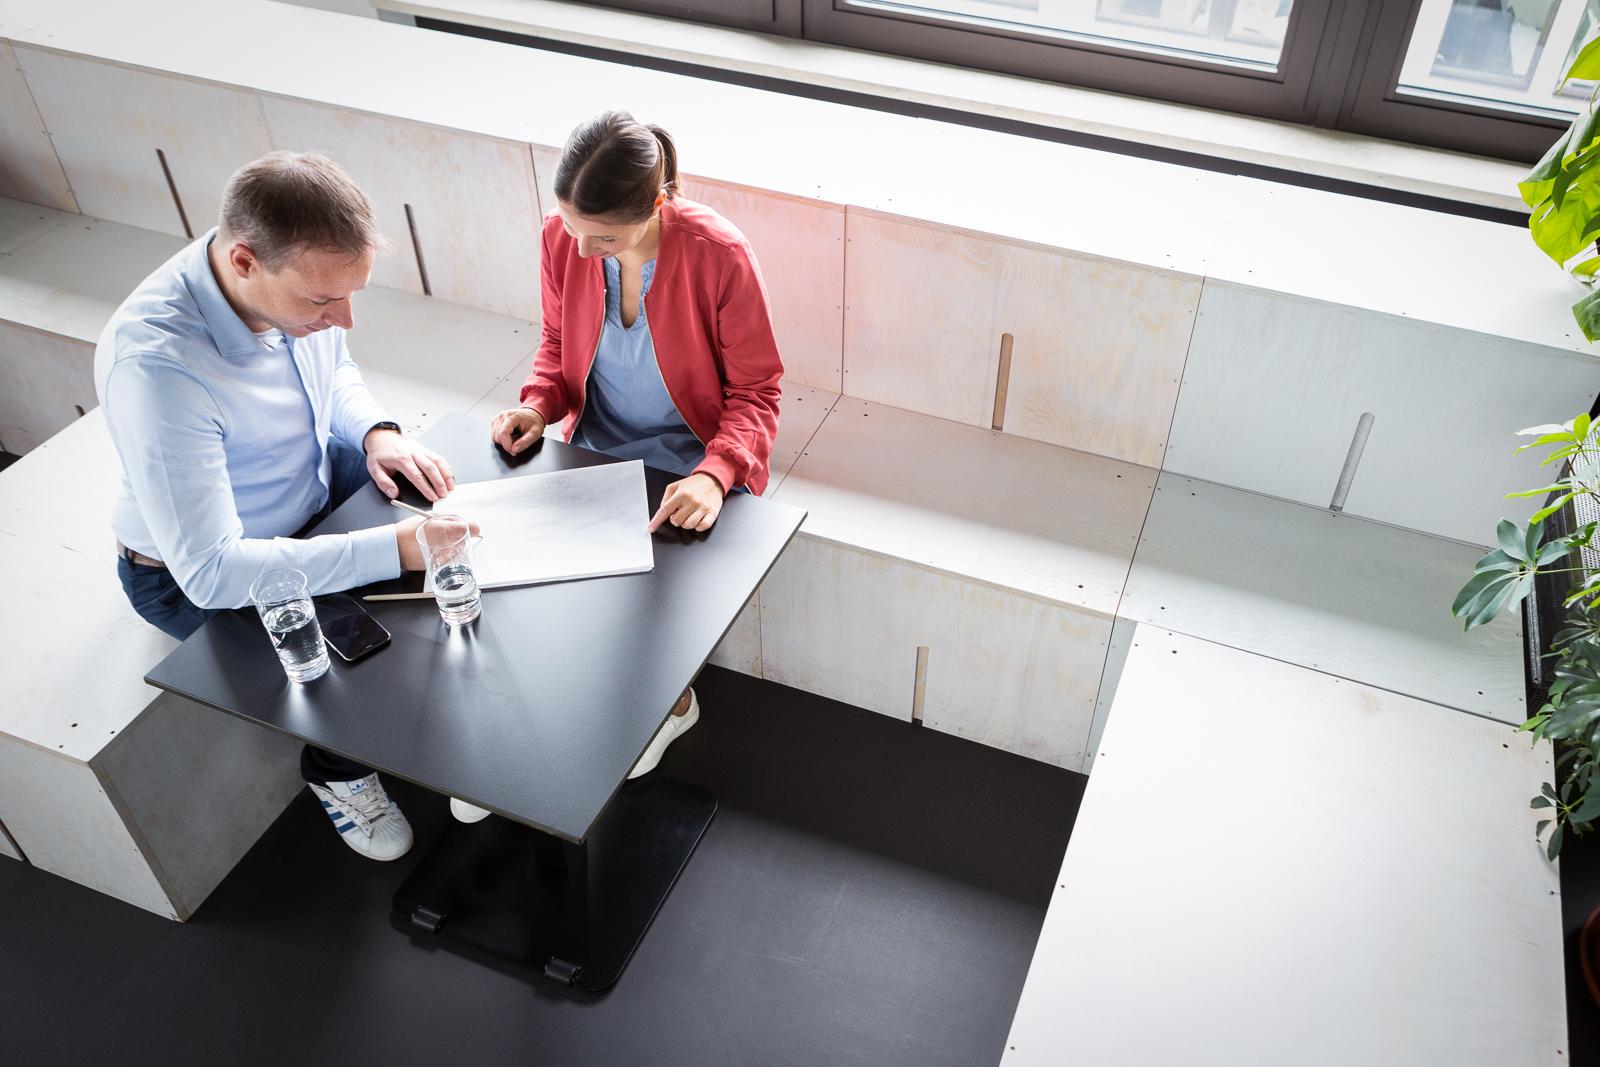 Die beiden Gründer sitzen zusammen an einem Tusch und schauen sich Unterlagen an. Das Foto zeigt die Vogelperspektive.